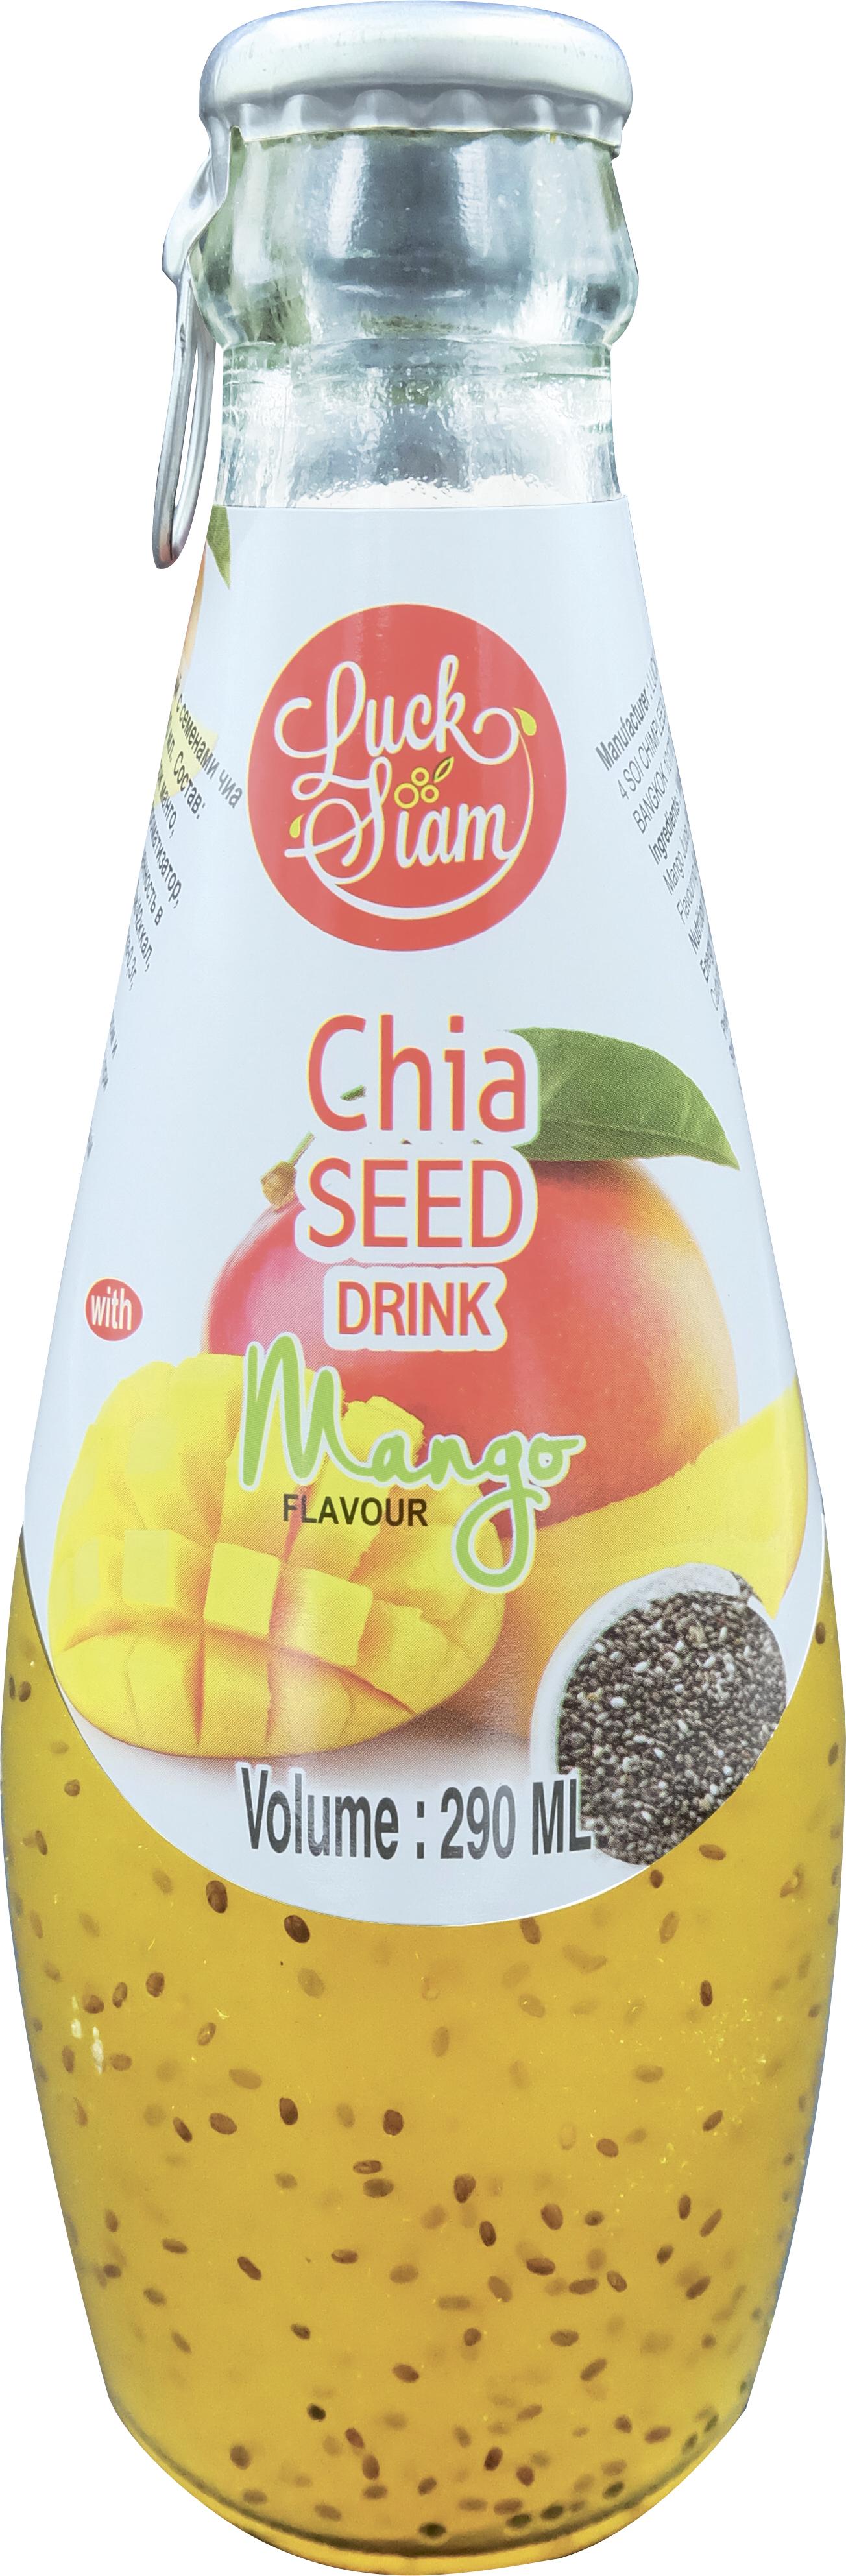 БЕЗ БРЭНДА Напиток безалкогольный негазированный семена чиа/вкус манго Luck Siam без брэнда семена чиа polezzno